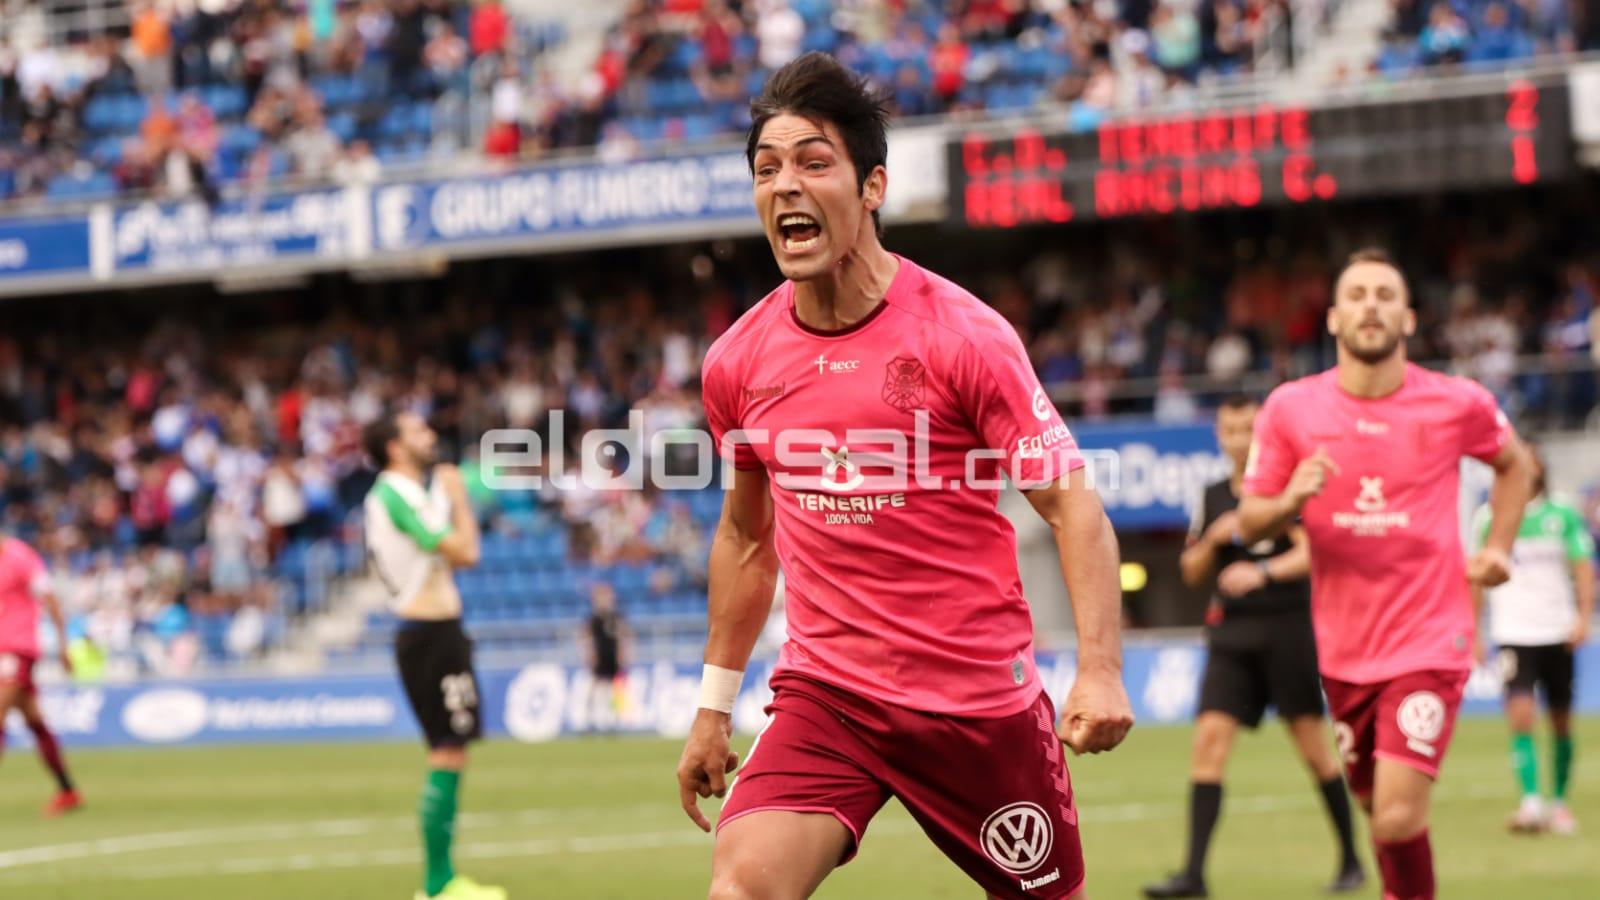 borja lasso celebra un gol ante el Racing de Santander | jacfotografo